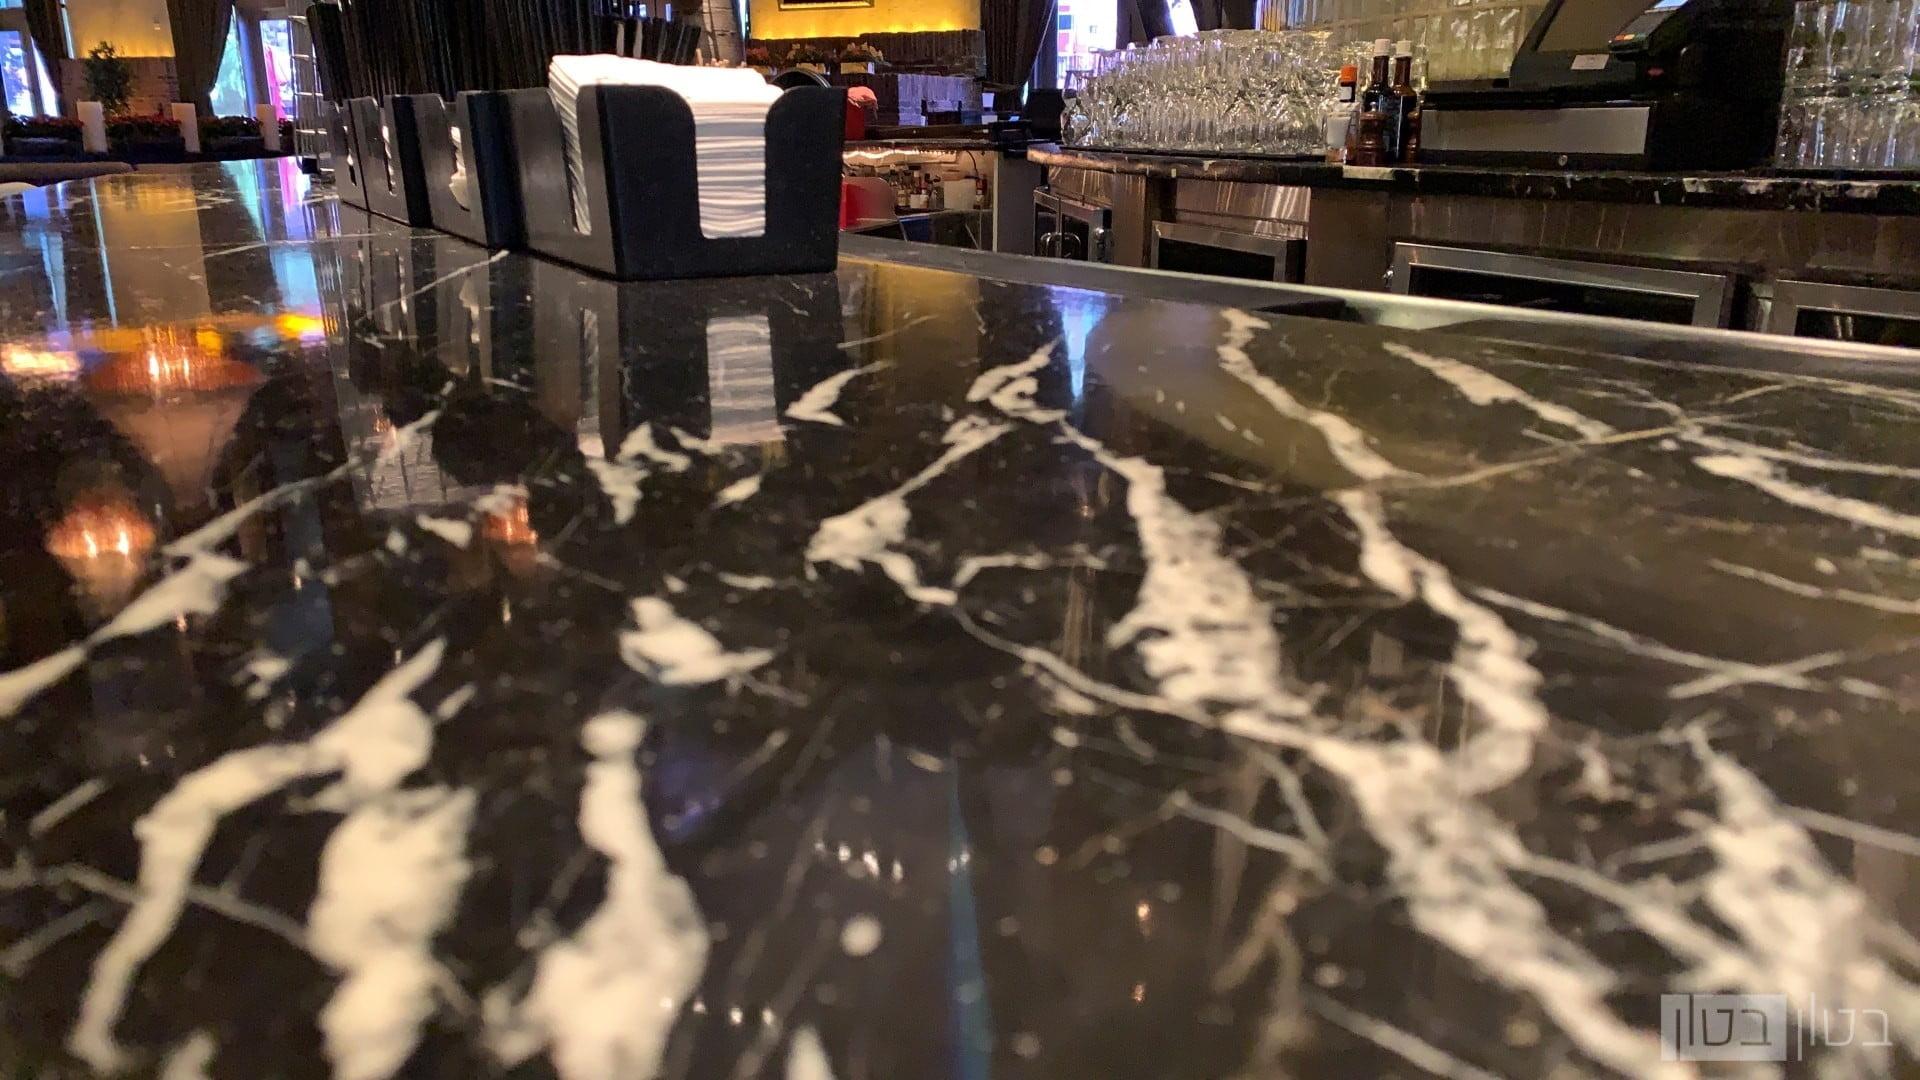 דלפק בר מסעדה מצופה באפוקסי ננו